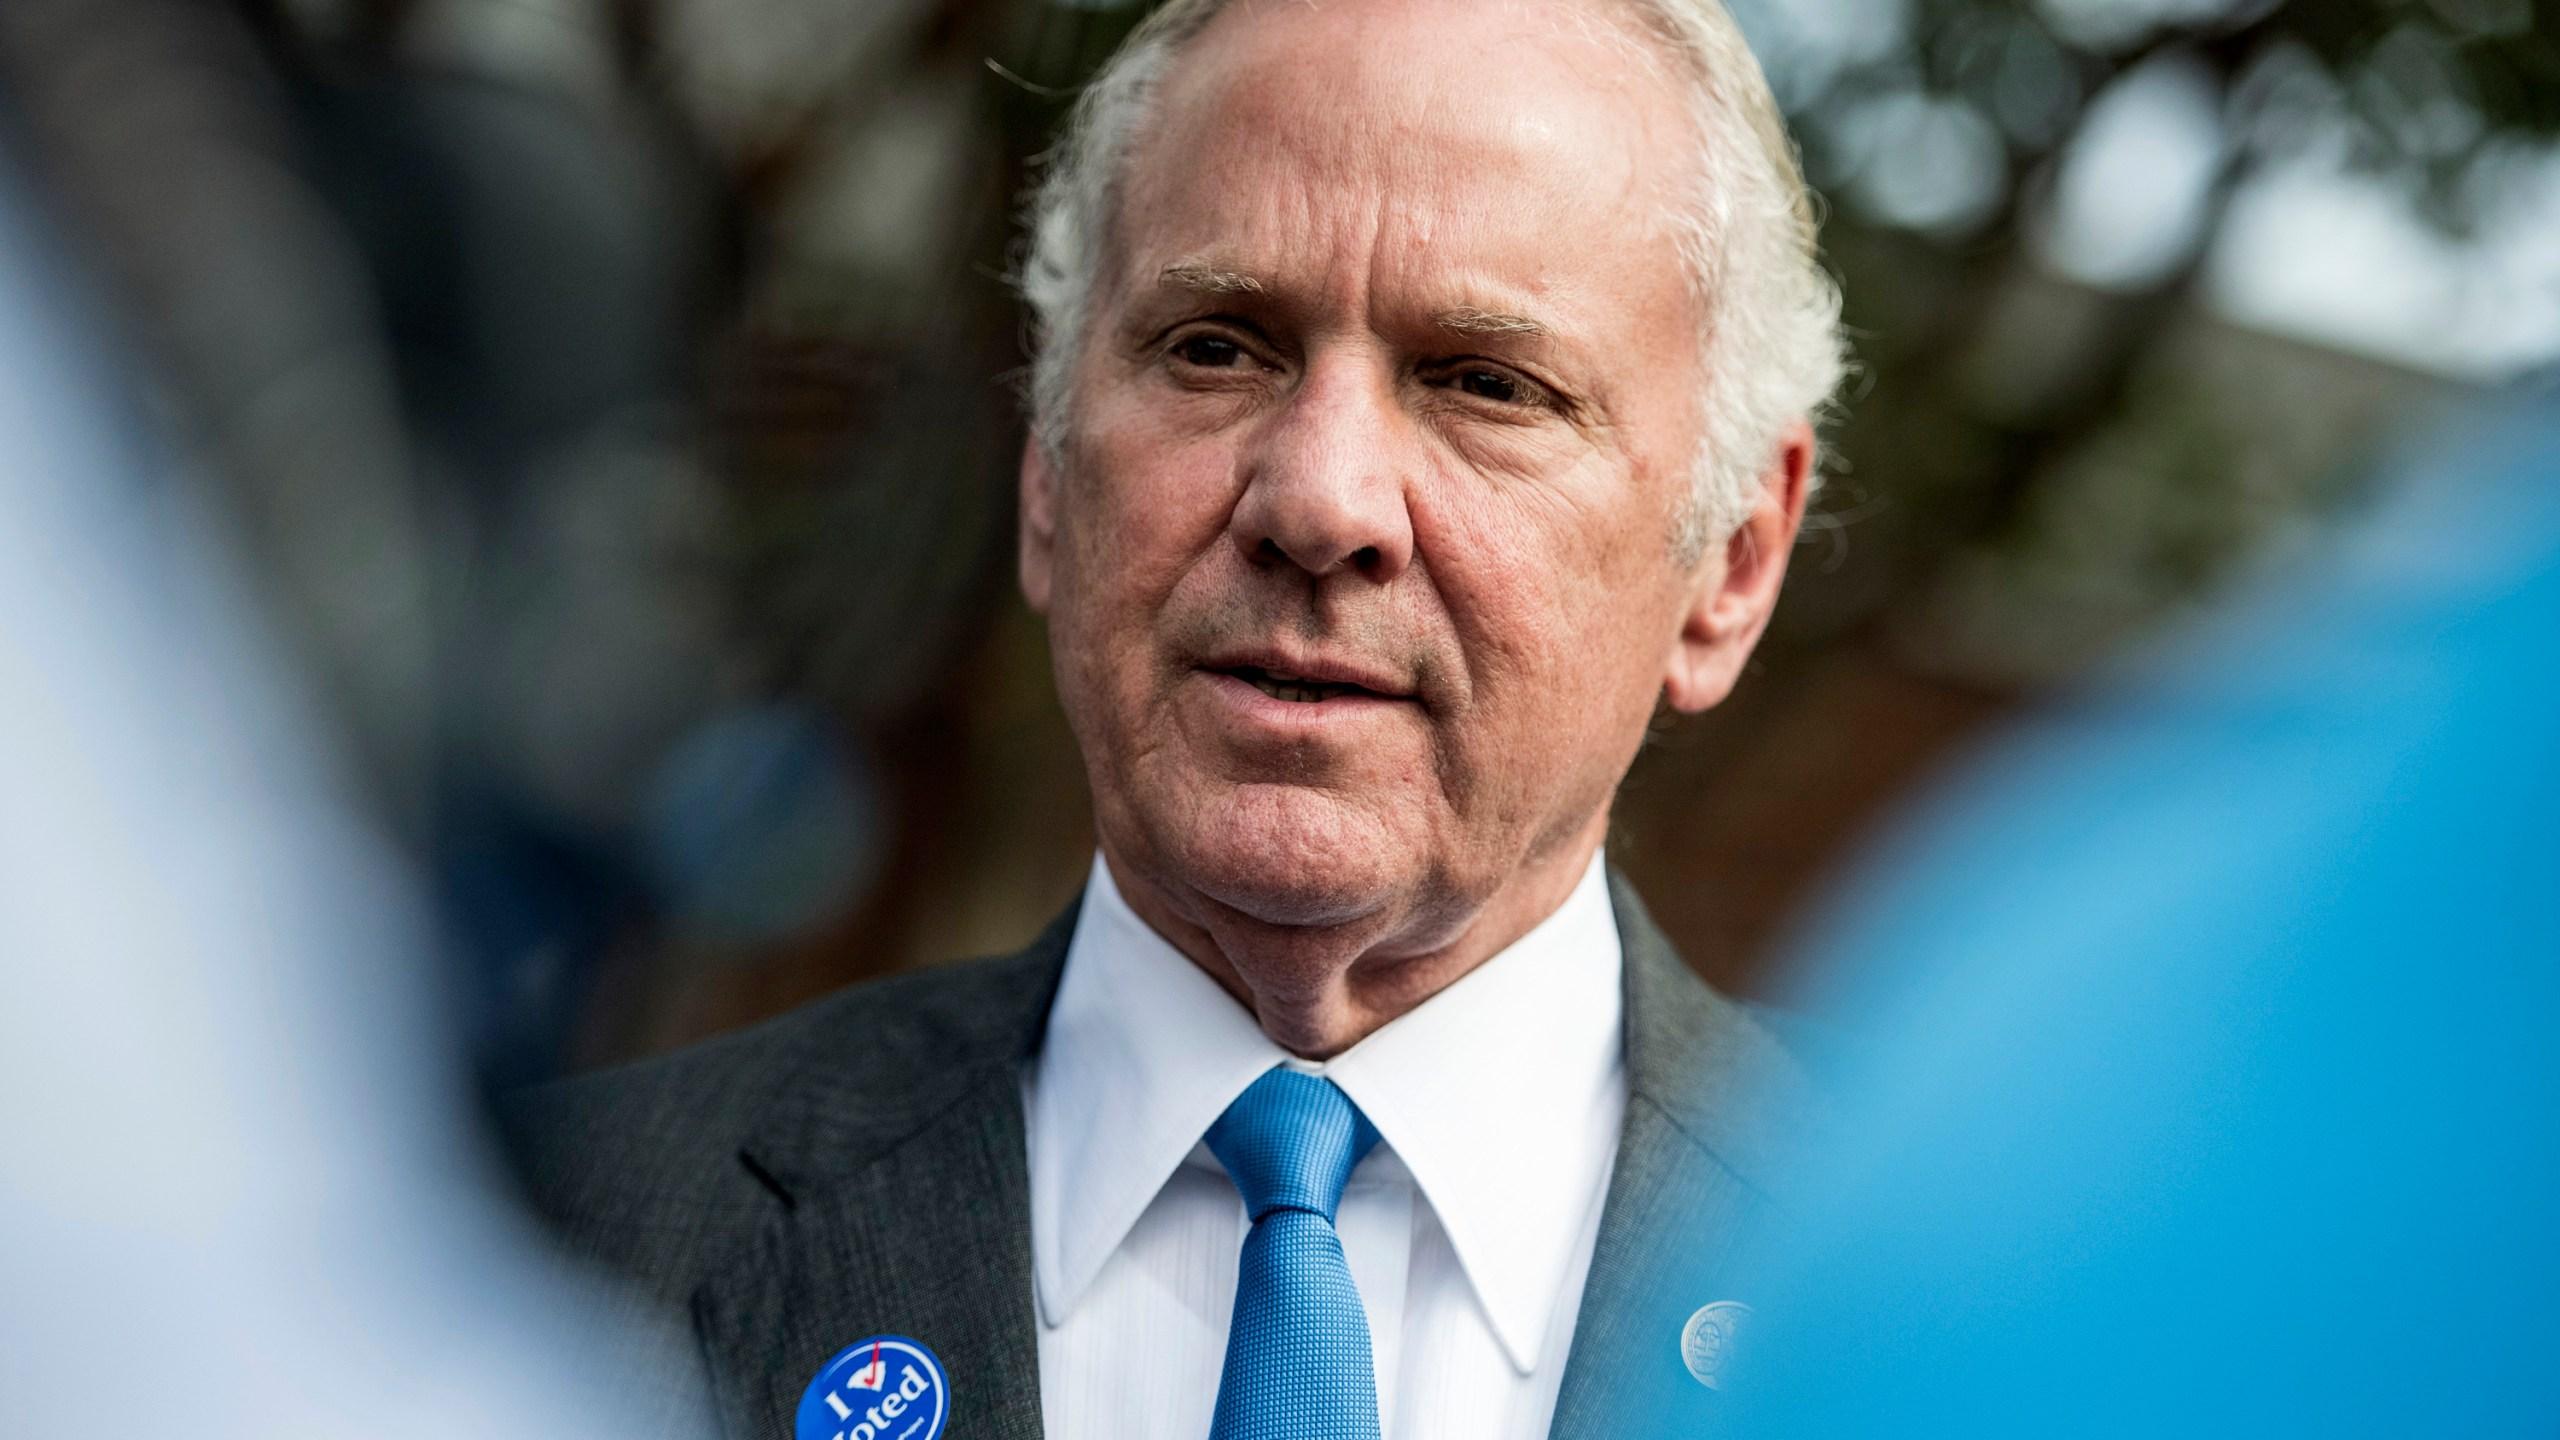 Election_2018_Governor_McMaster_South_Carolina_62274-159532.jpg77462595